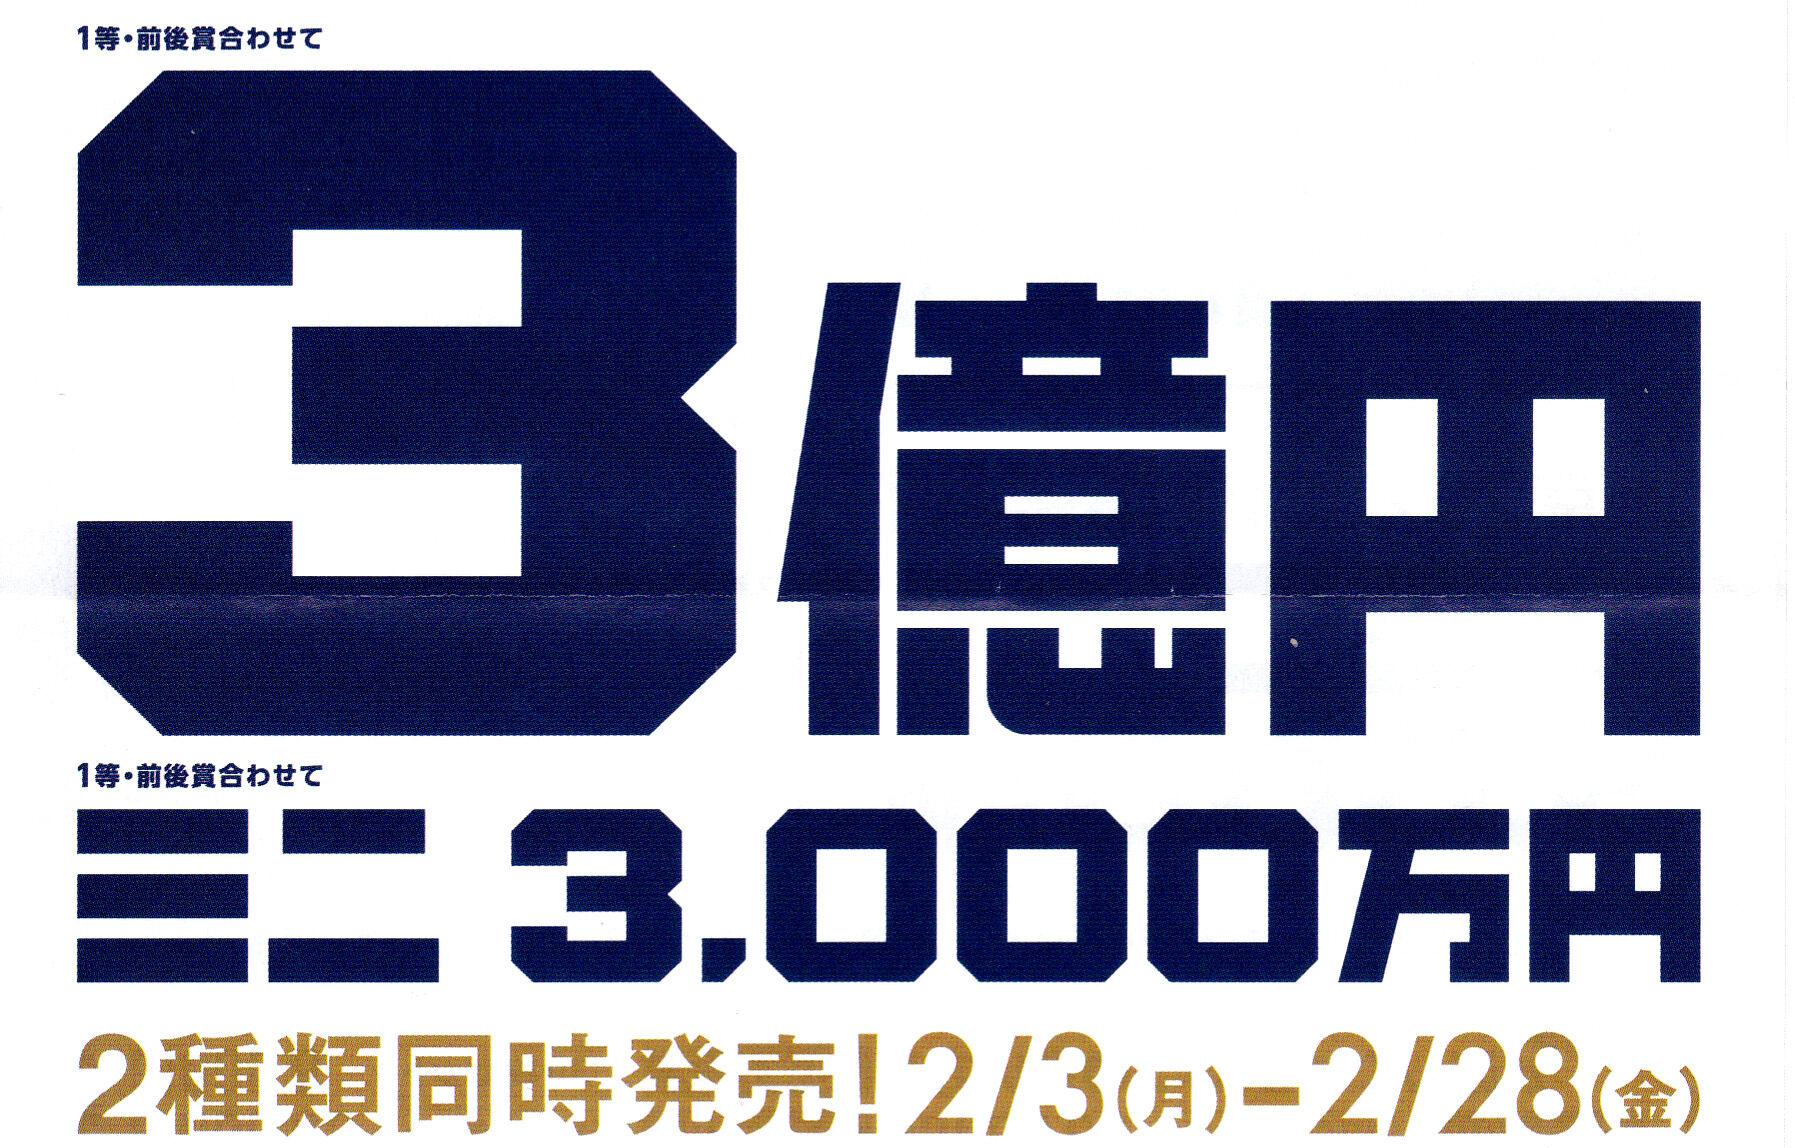 2020jumbo-3